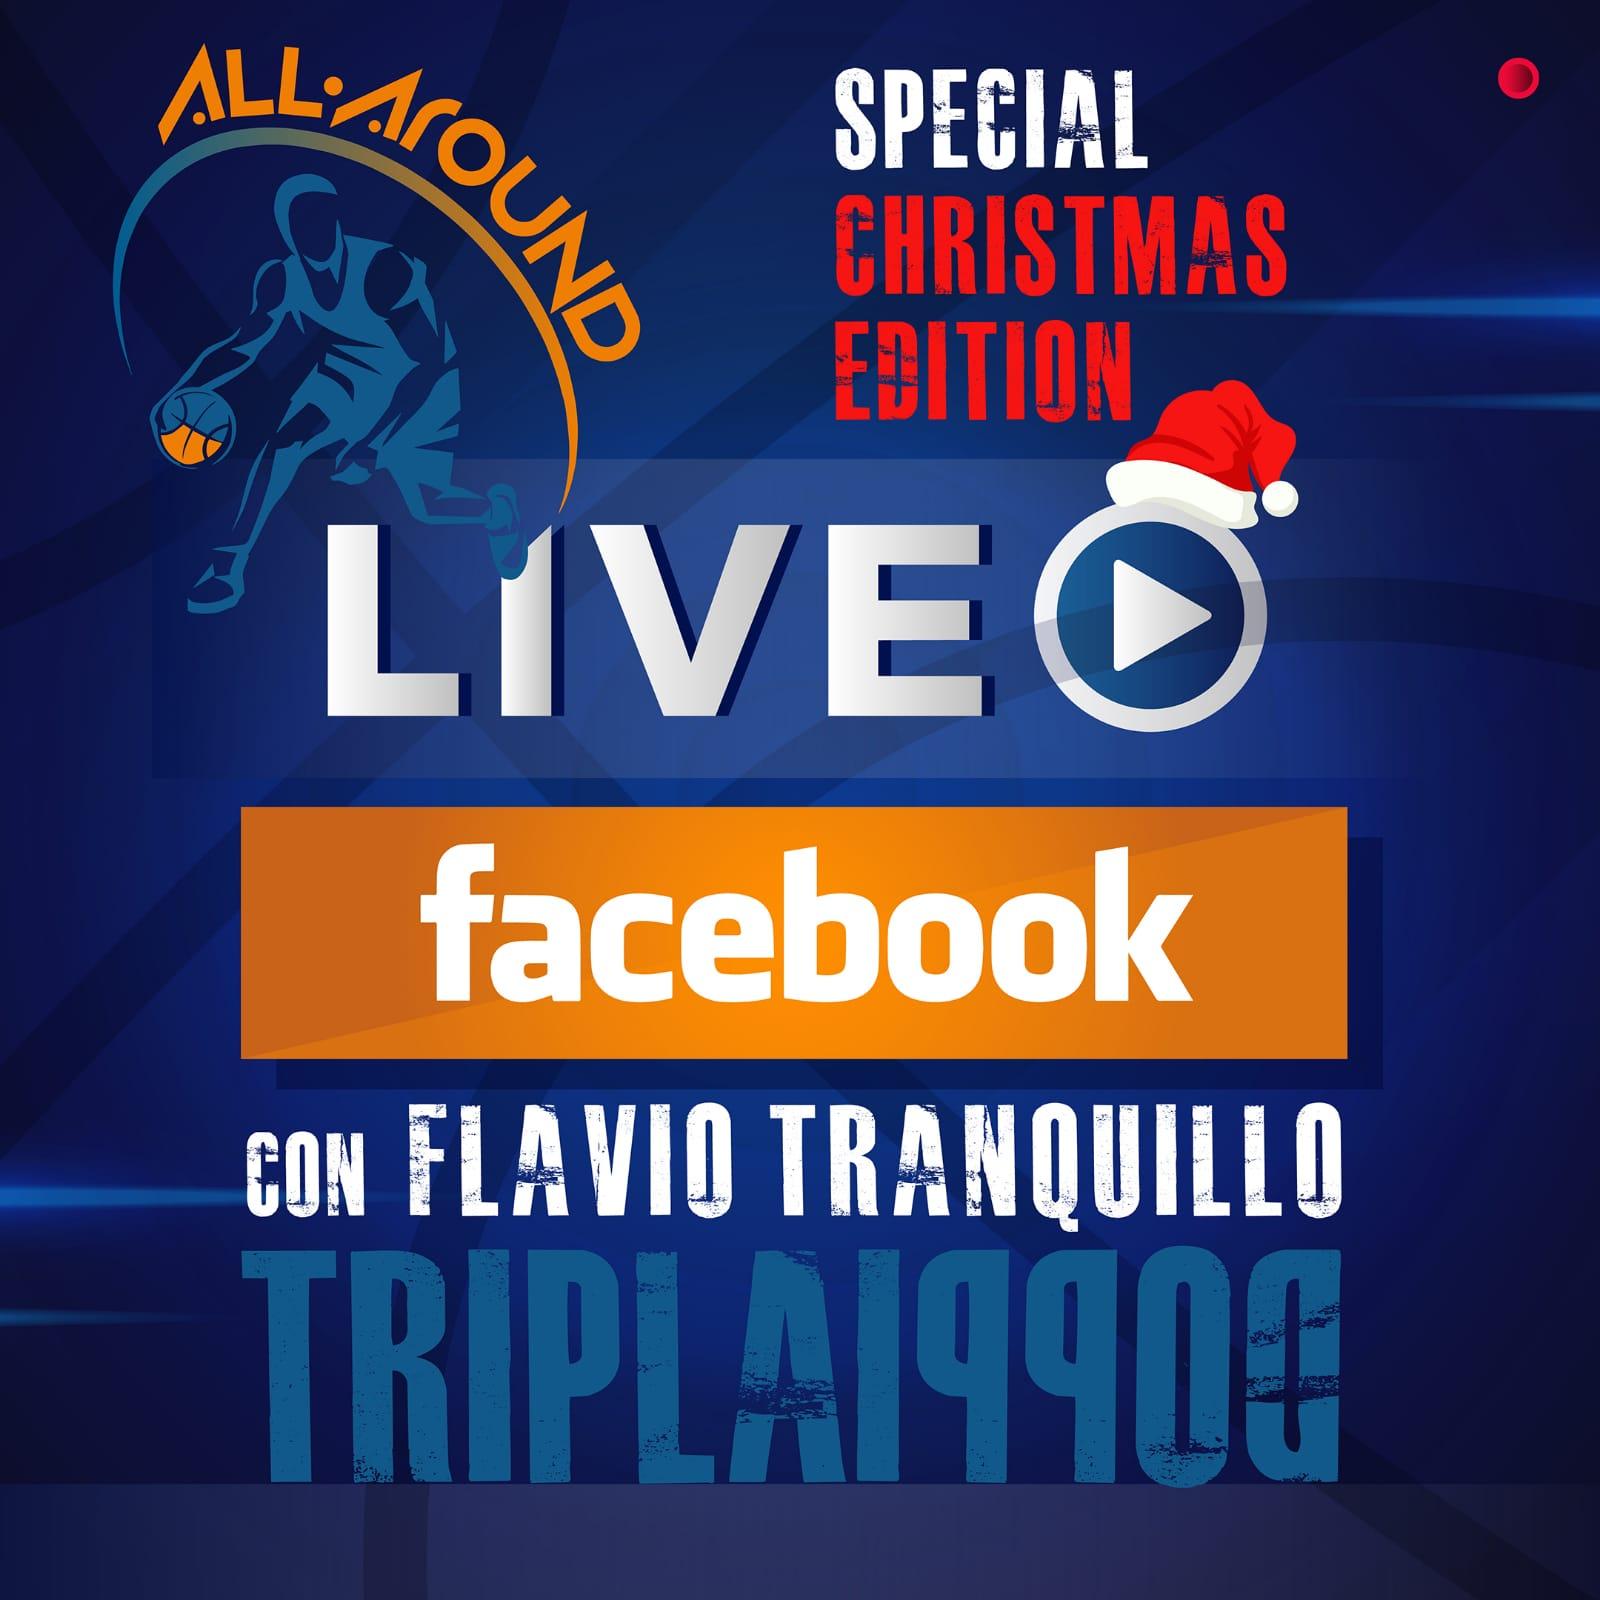 TriplaDoppia by All-Around.net special edition 2020-21: per la 13^ Puntata della nuova stagione live su Facebook di TriplaDoppia come ospite c'è Flavio Tranquillo